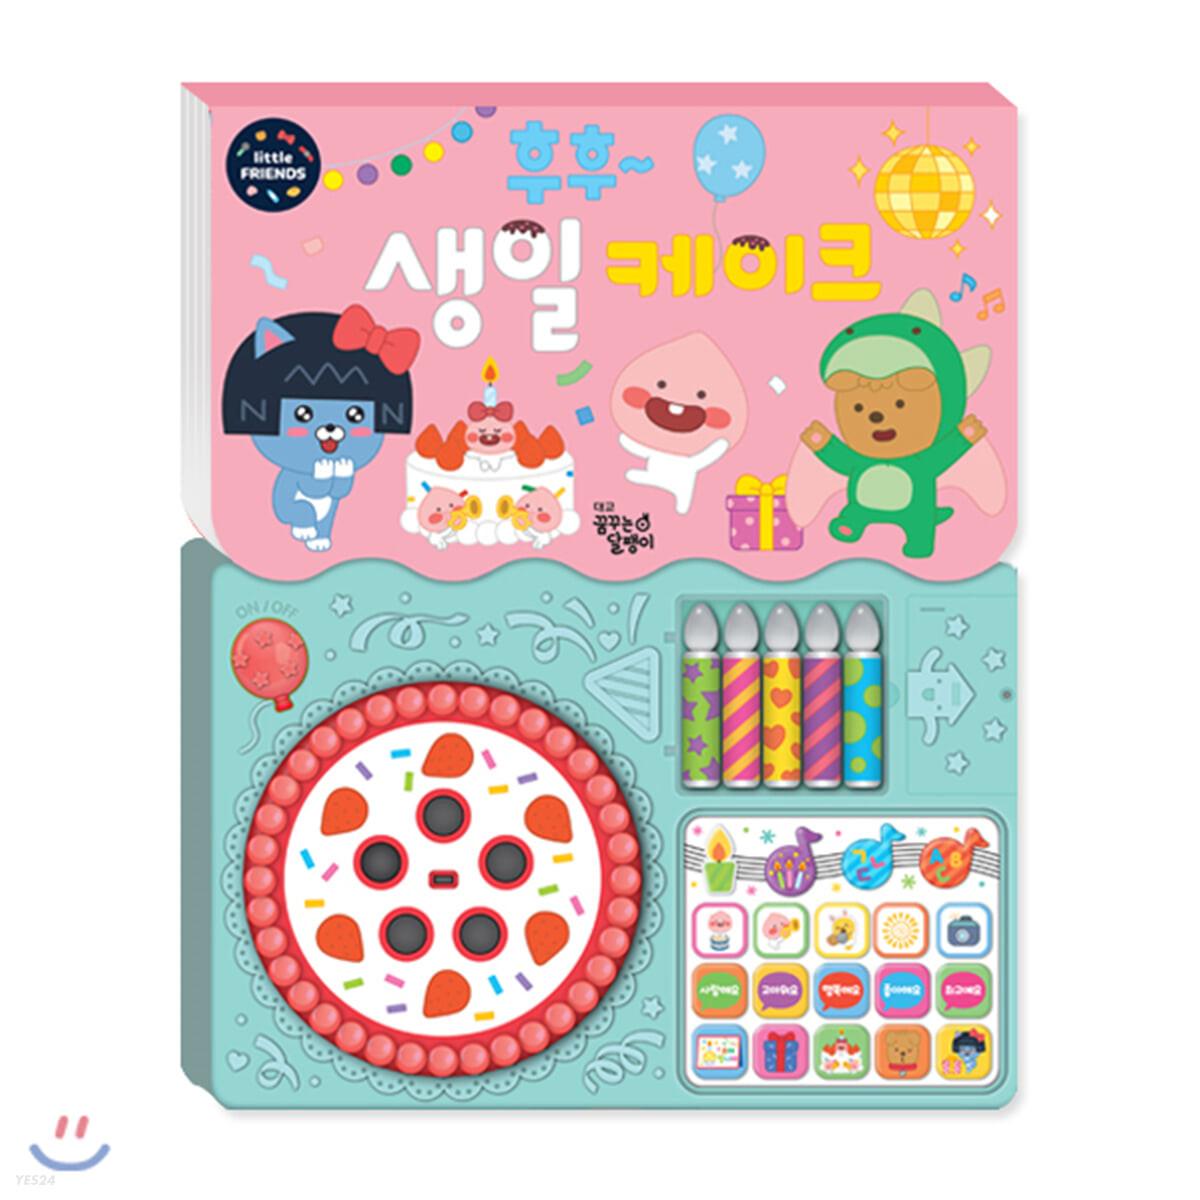 카카오 리틀프렌즈 사운드 토이북 후후~ 생일케이크